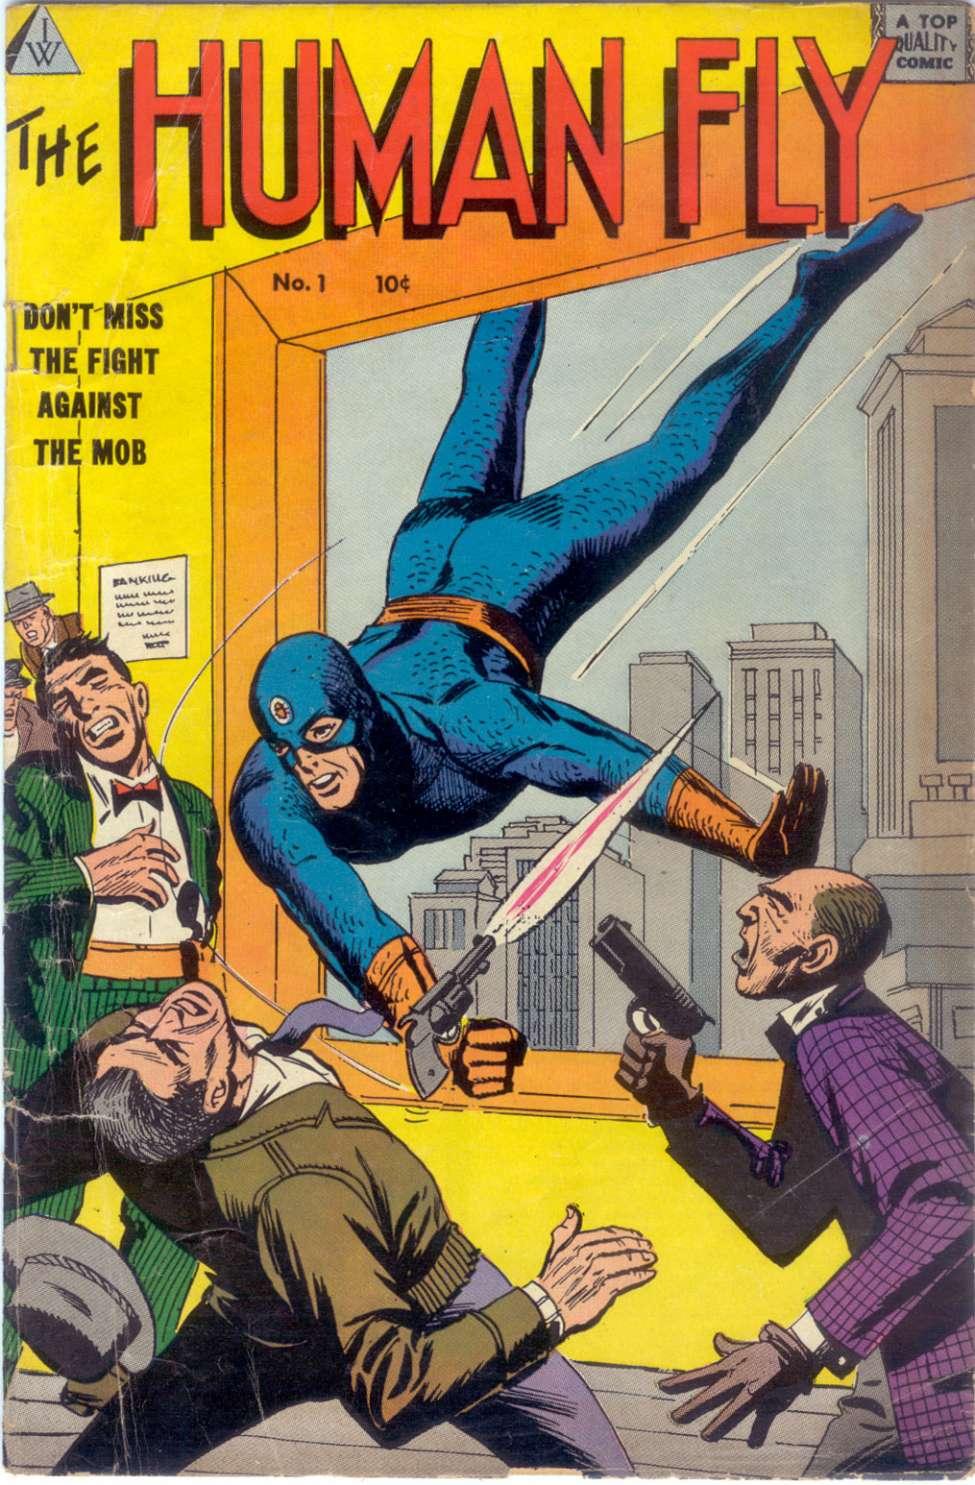 Human Fly (I.W. Publishing)